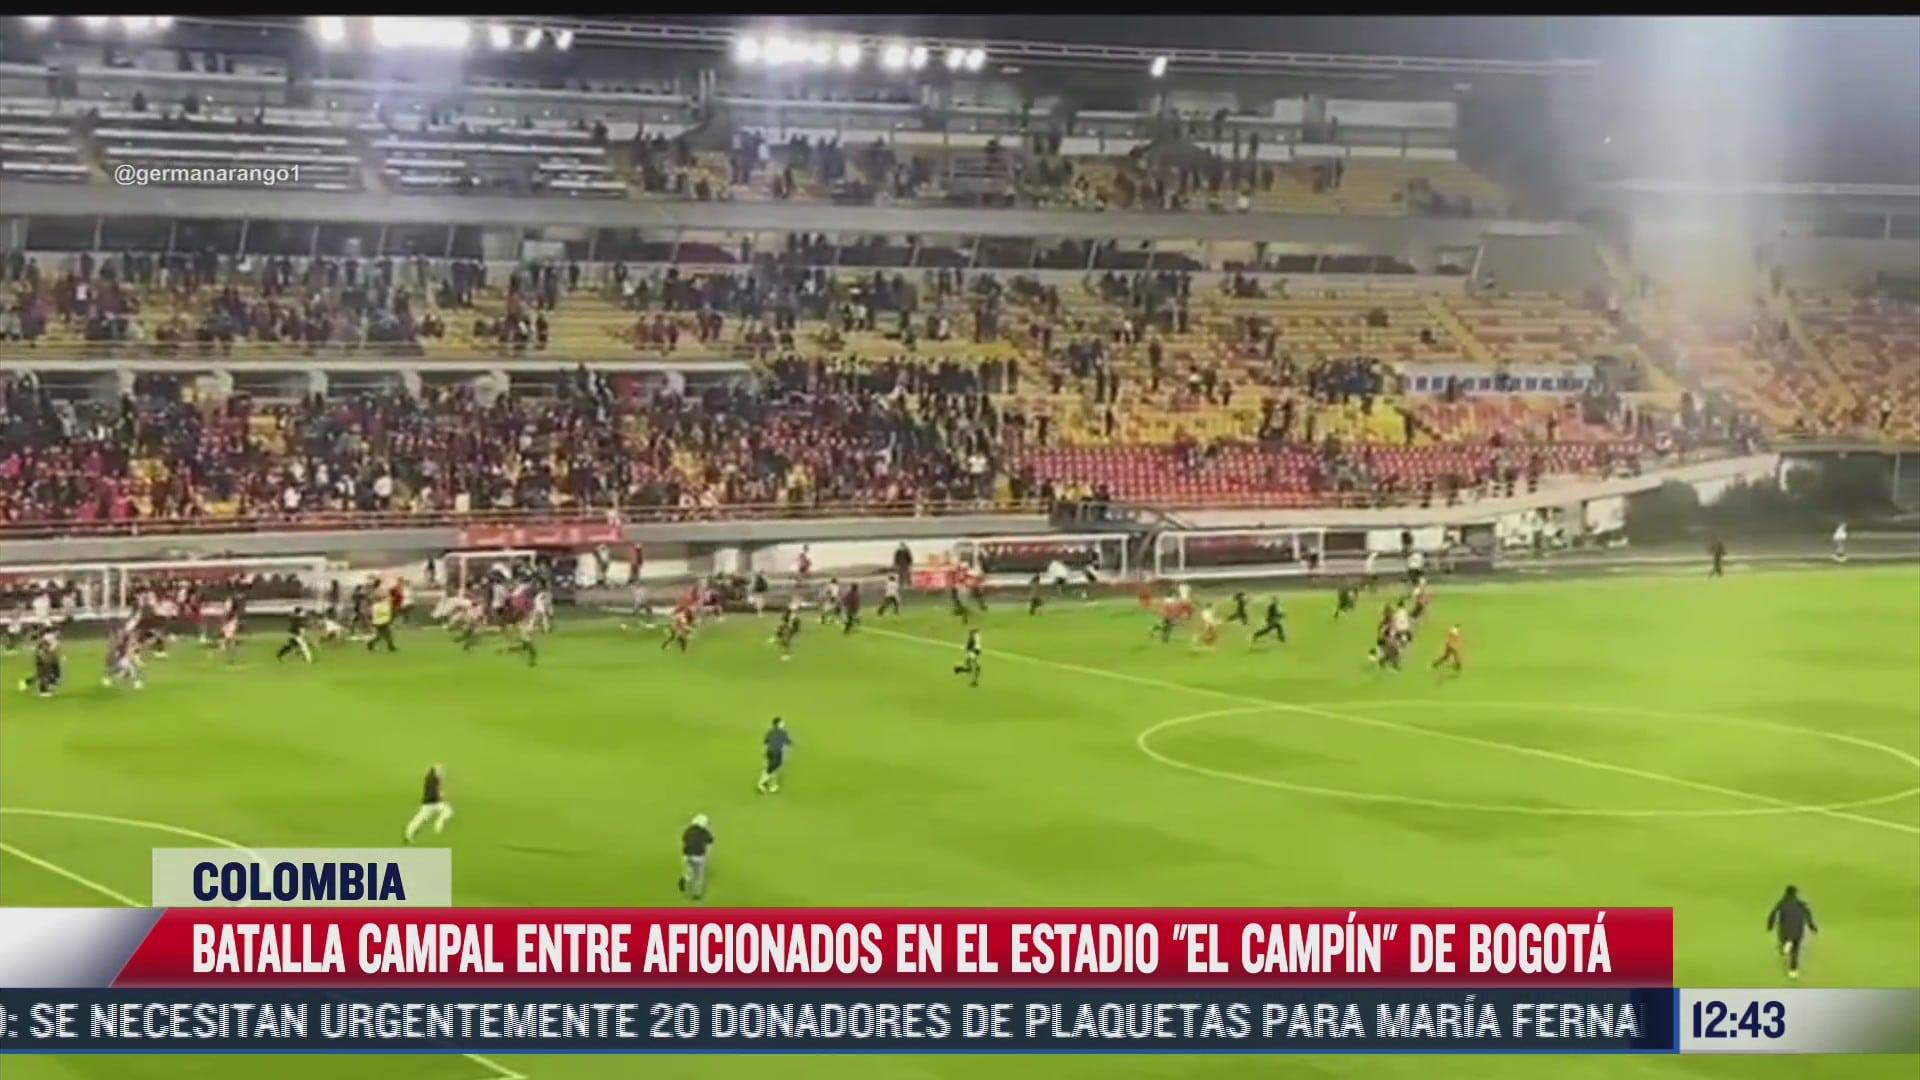 aficionados de futbol se agarran a golpes en estadio de colombia